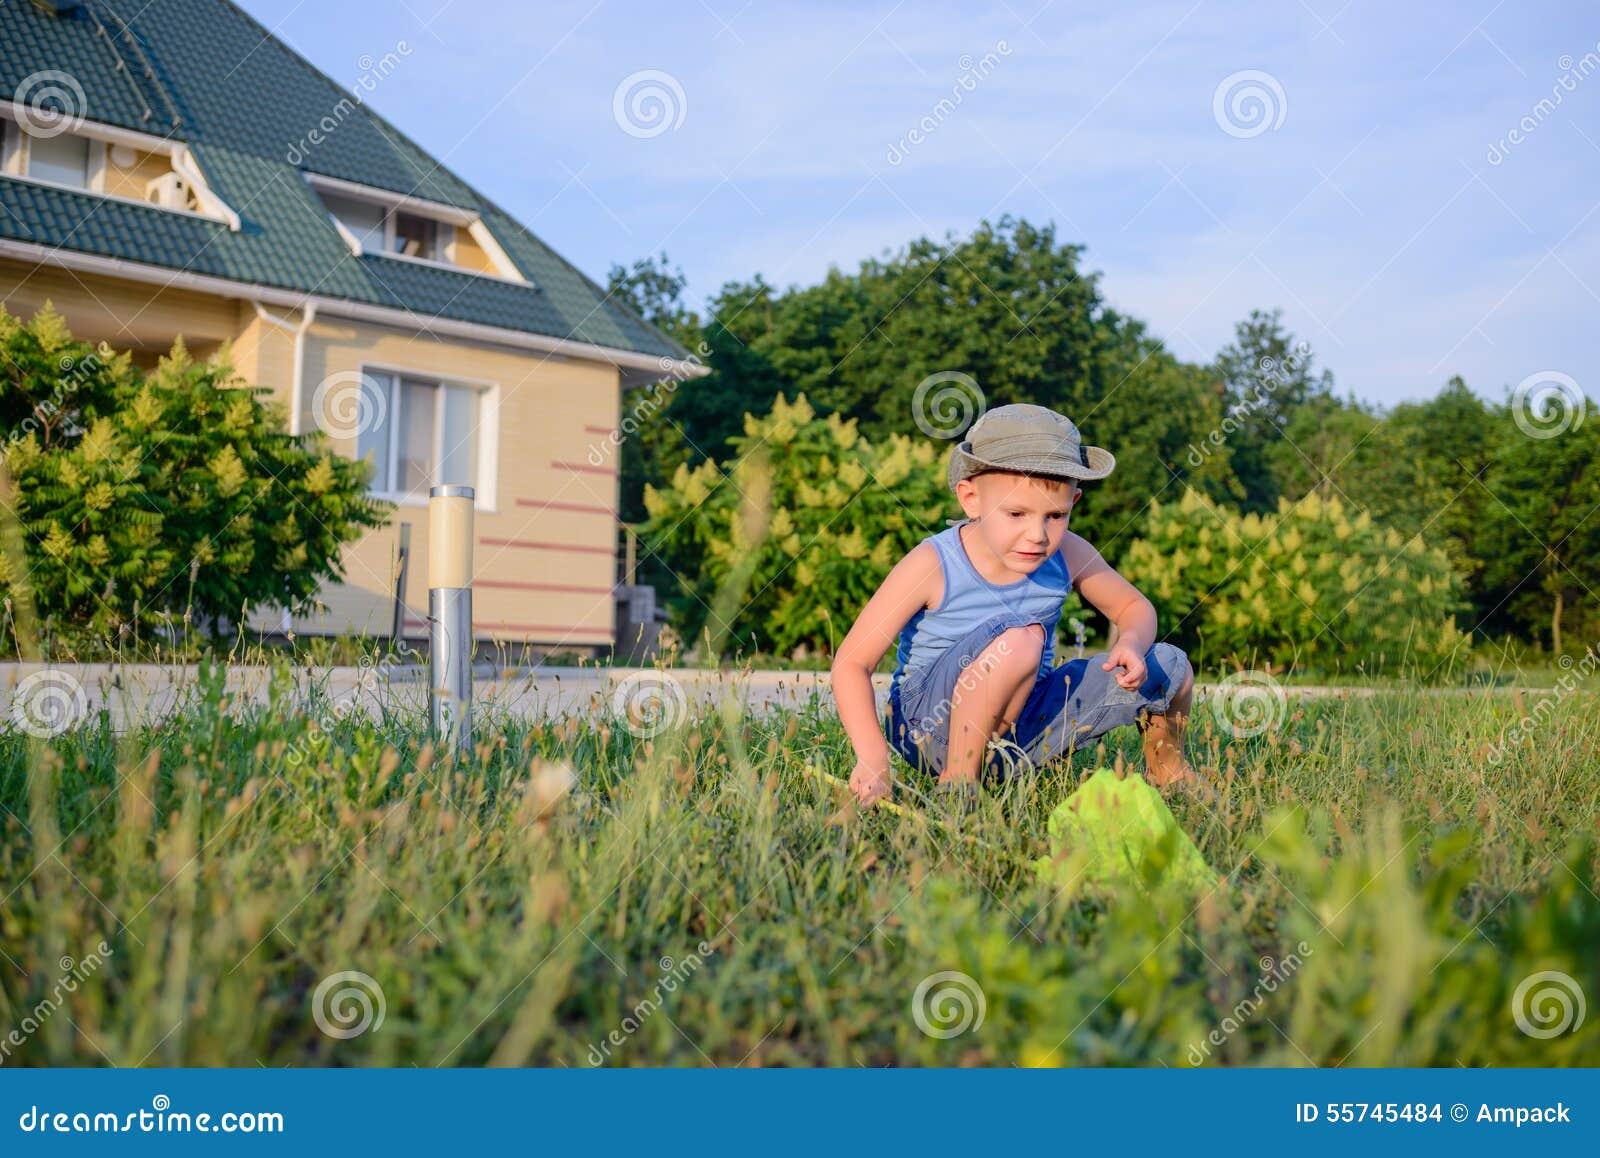 Μικρό παιδί που πιάνει τα έντομα με ένα δίχτυ